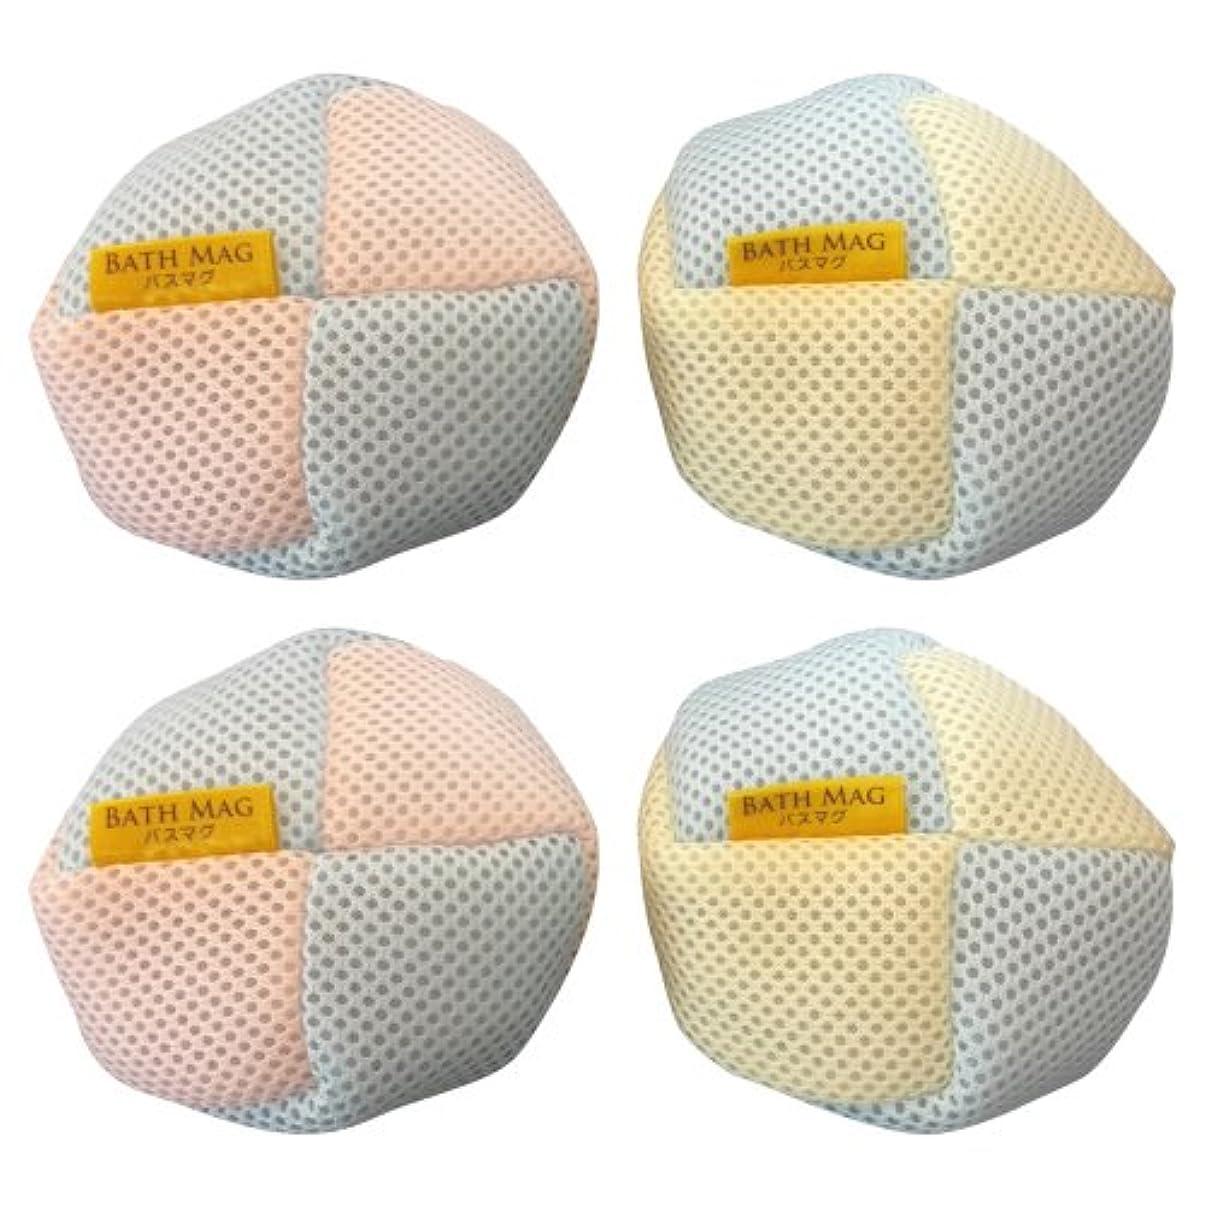 能力謝る心臓BATH MAG マグネシウムde水素浴(バスマグ)2個入り×2箱セット(計4個)